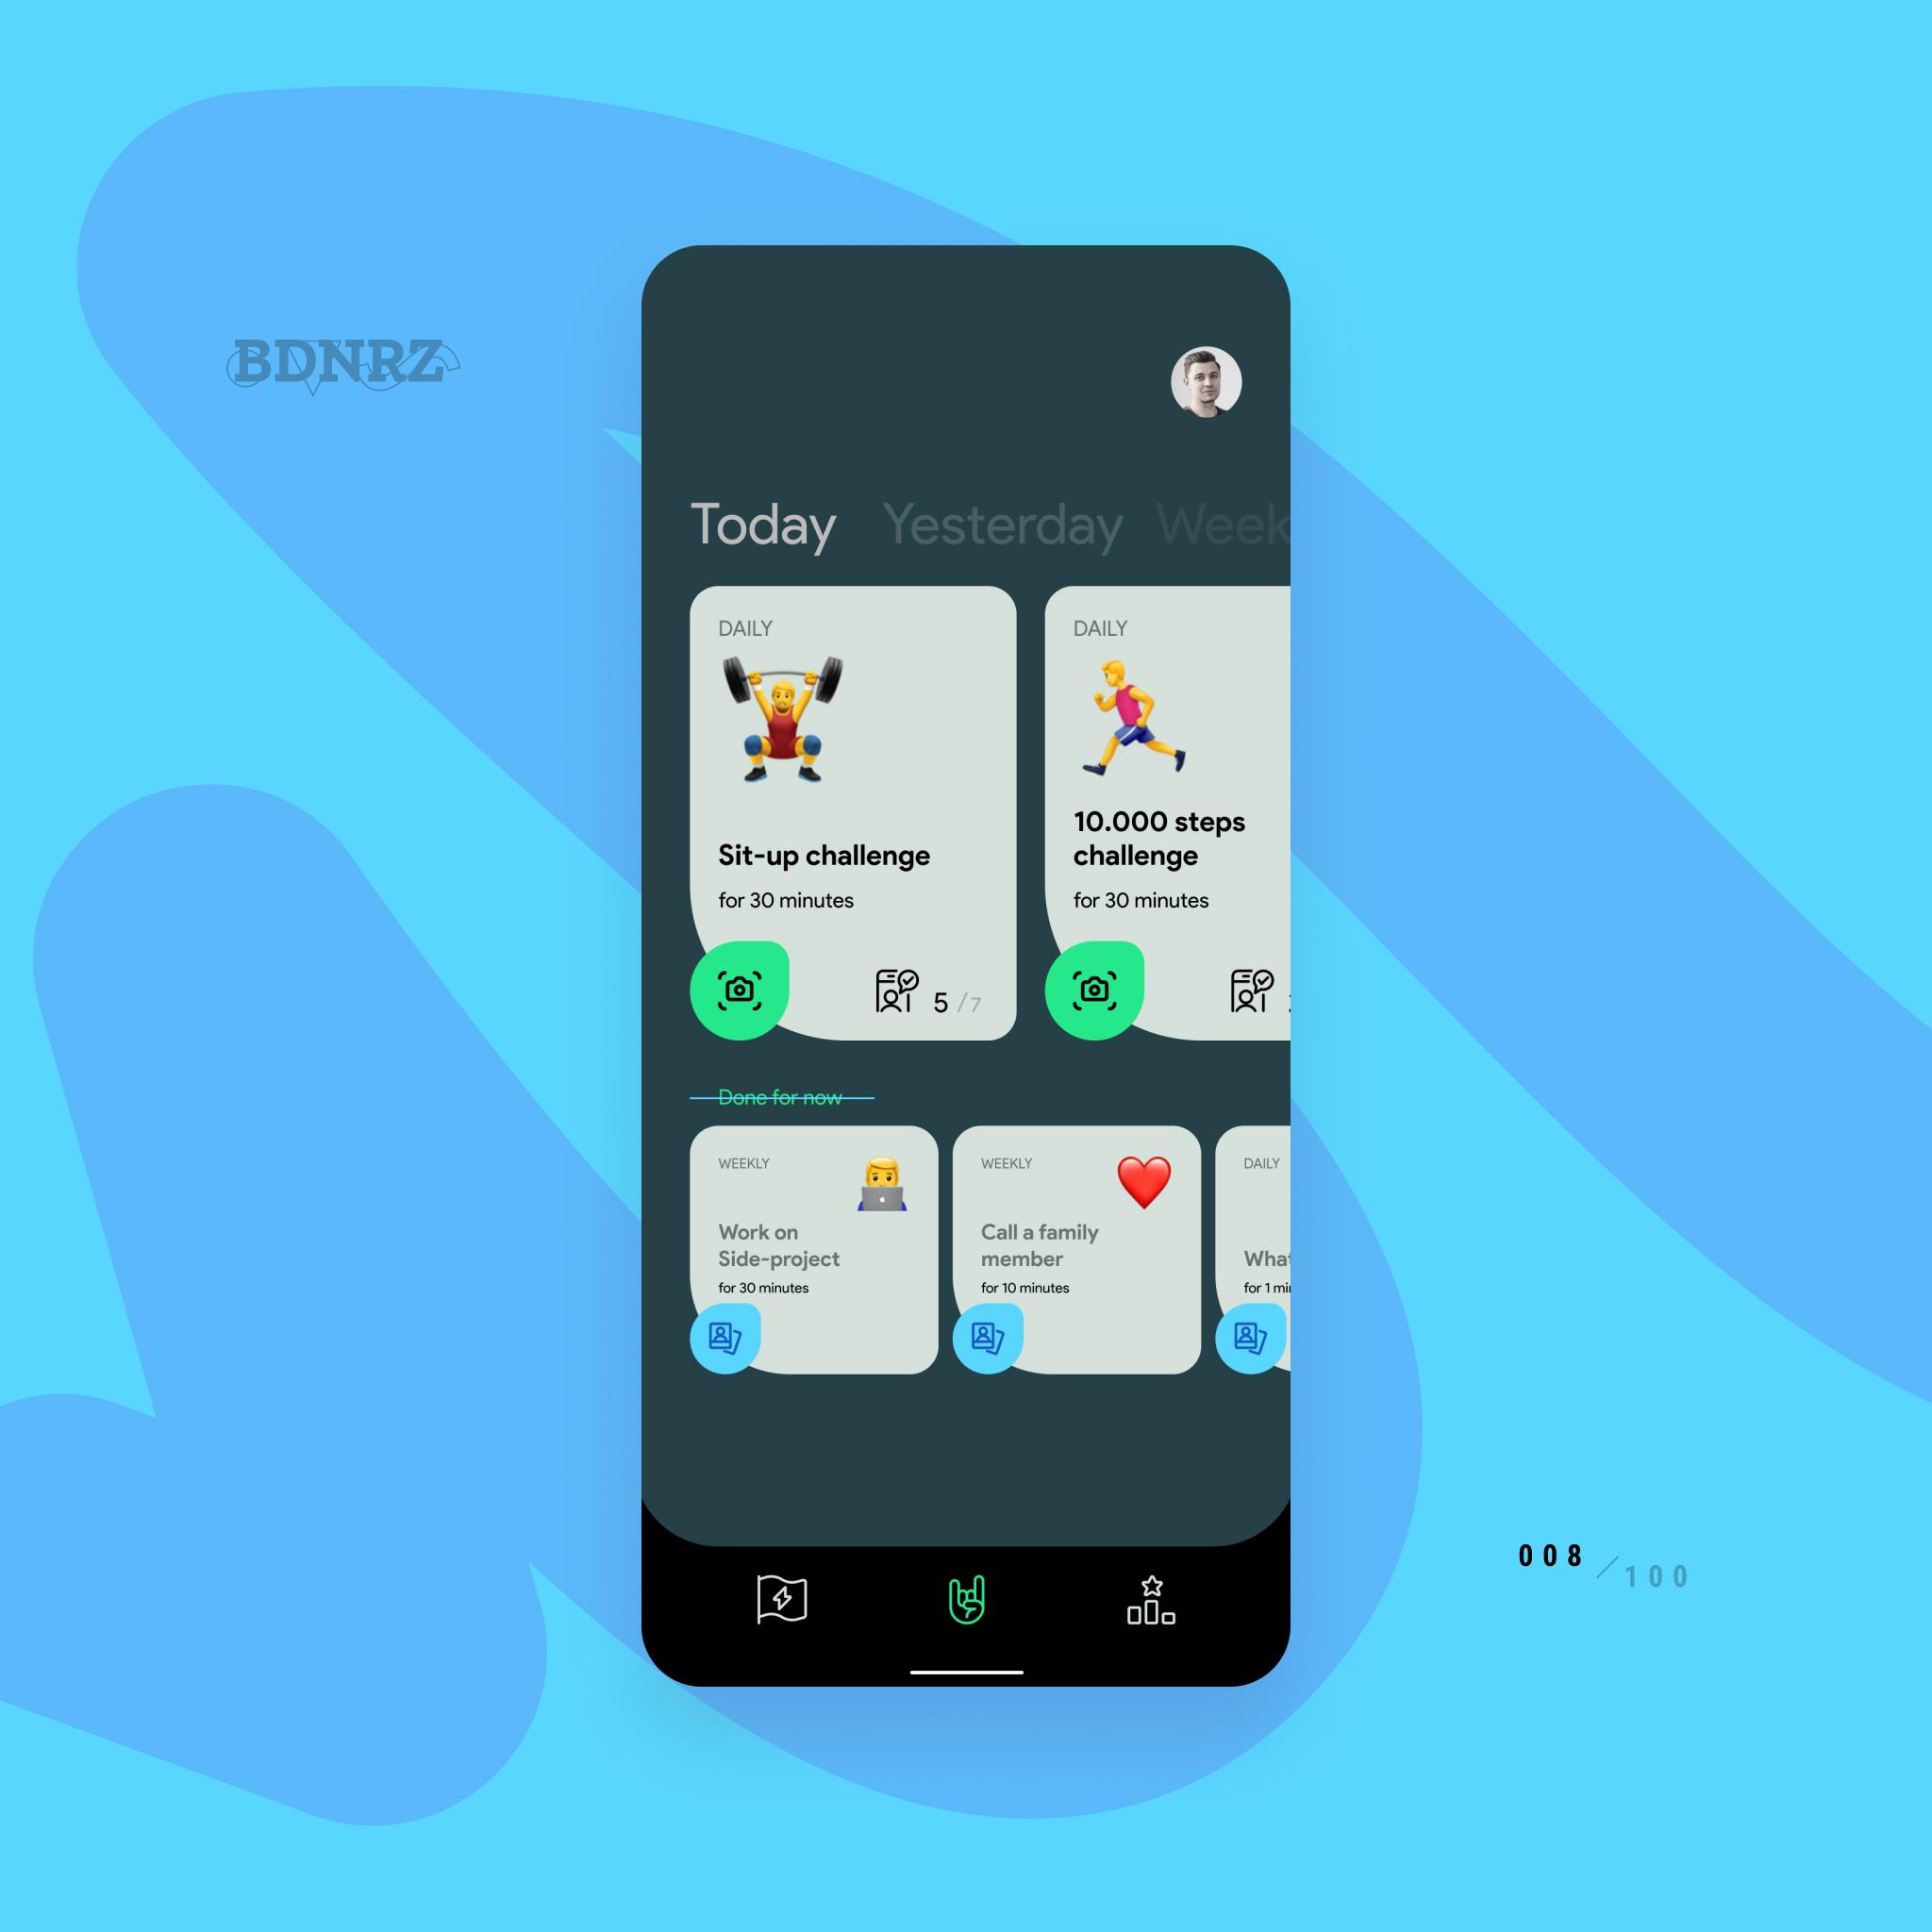 kickass_redesign.jpg